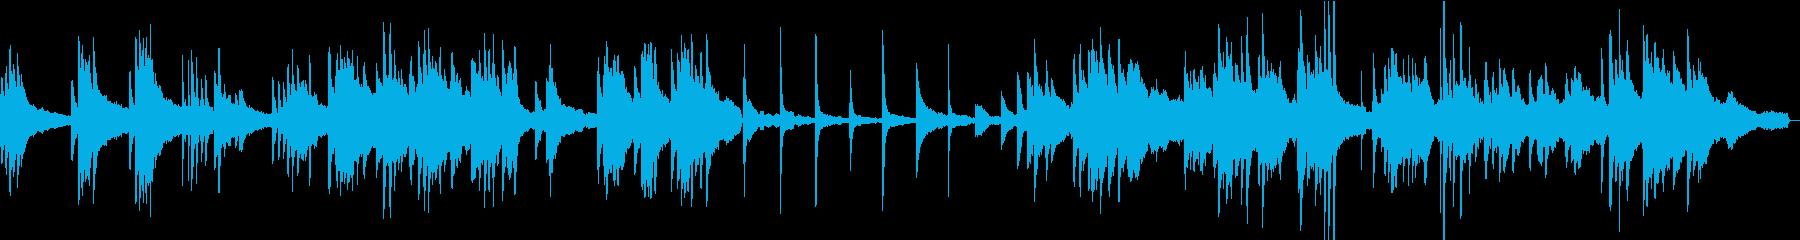 ヒーリングピアノ組曲 ただよう 6の再生済みの波形